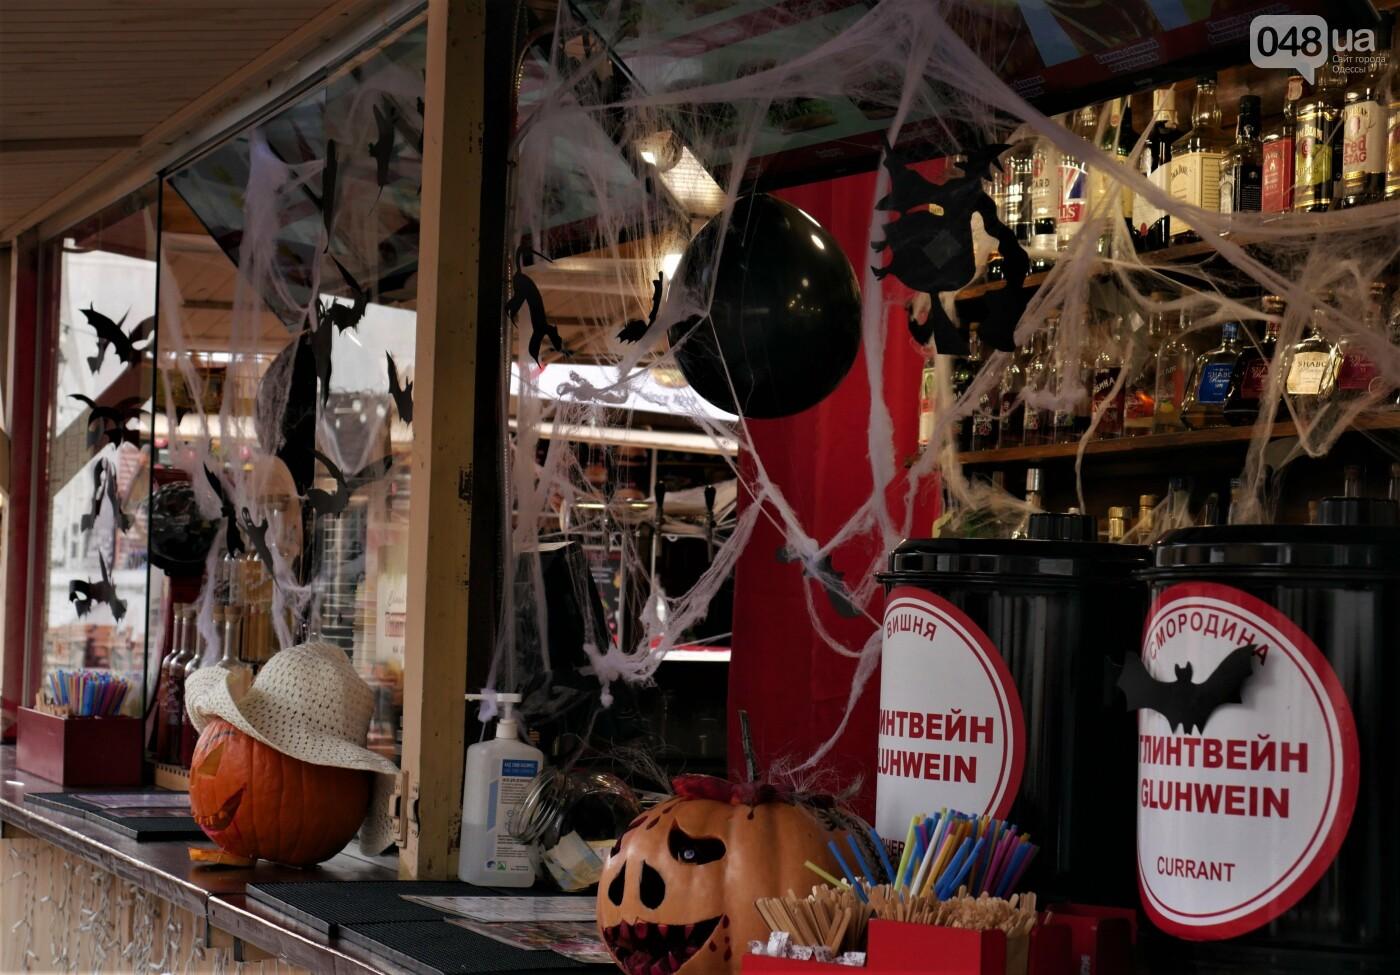 Фотопятница: улицы Одессы заполонили тыквы, - ФОТОРЕПОРТАЖ, фото-20